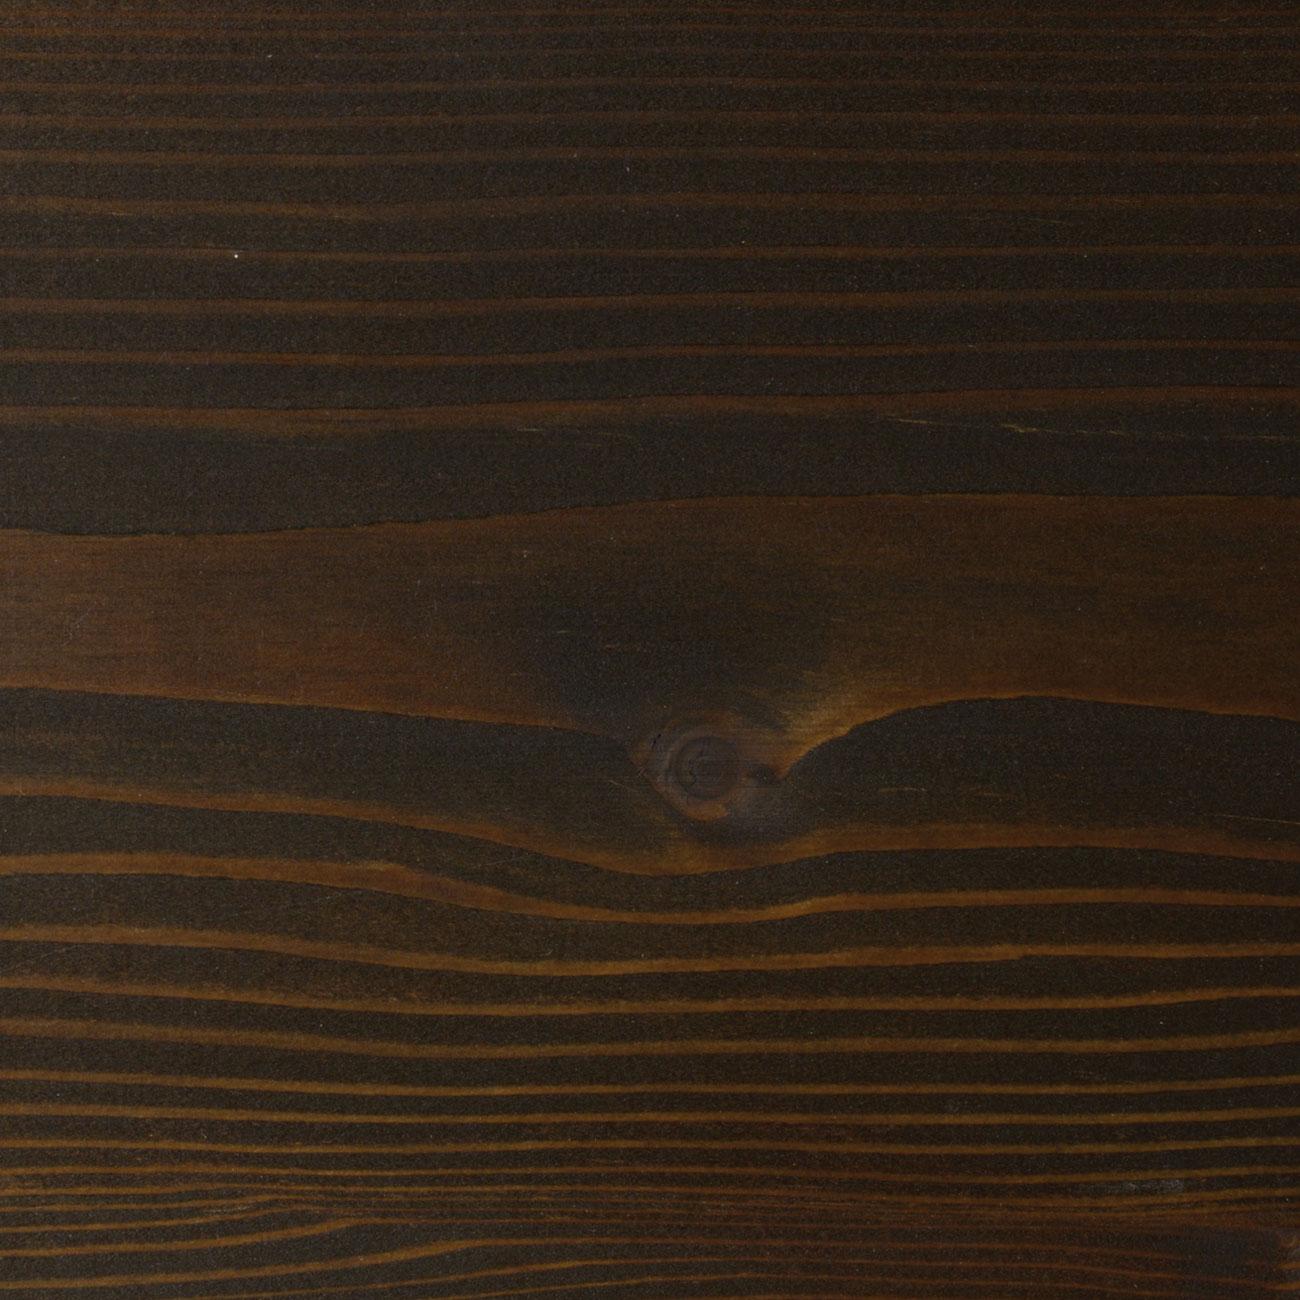 53. Lärche geschliffen, mit Faxe Speziallauge zzgl. 5% Faxe Combicolor schwarz gelaugt und mit Faxe Holzbodenöl natur geölt